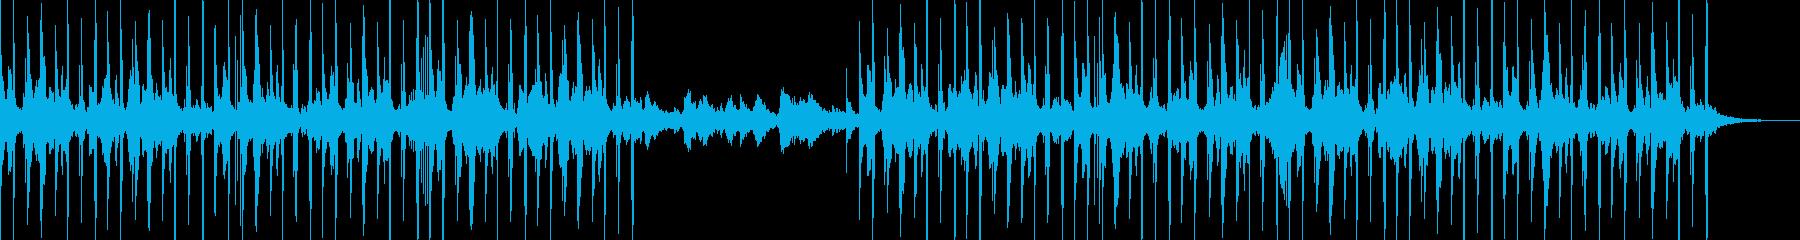 幻想的でchill・KAWAIIなBGMの再生済みの波形